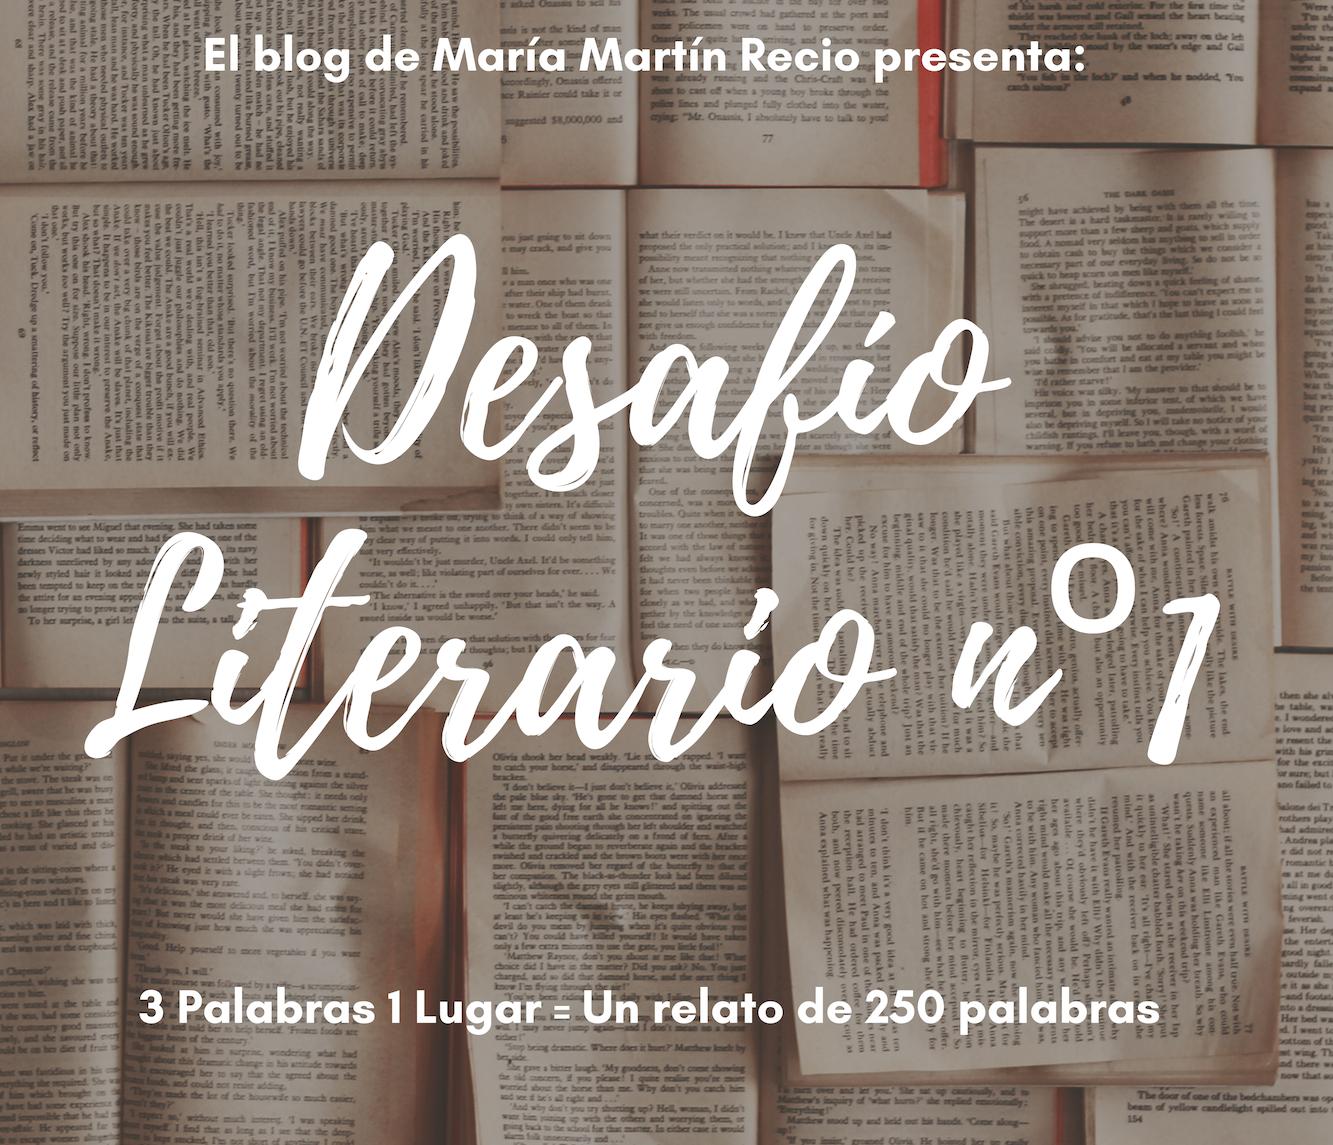 Desafio Literario Blog Maria Martin Recio